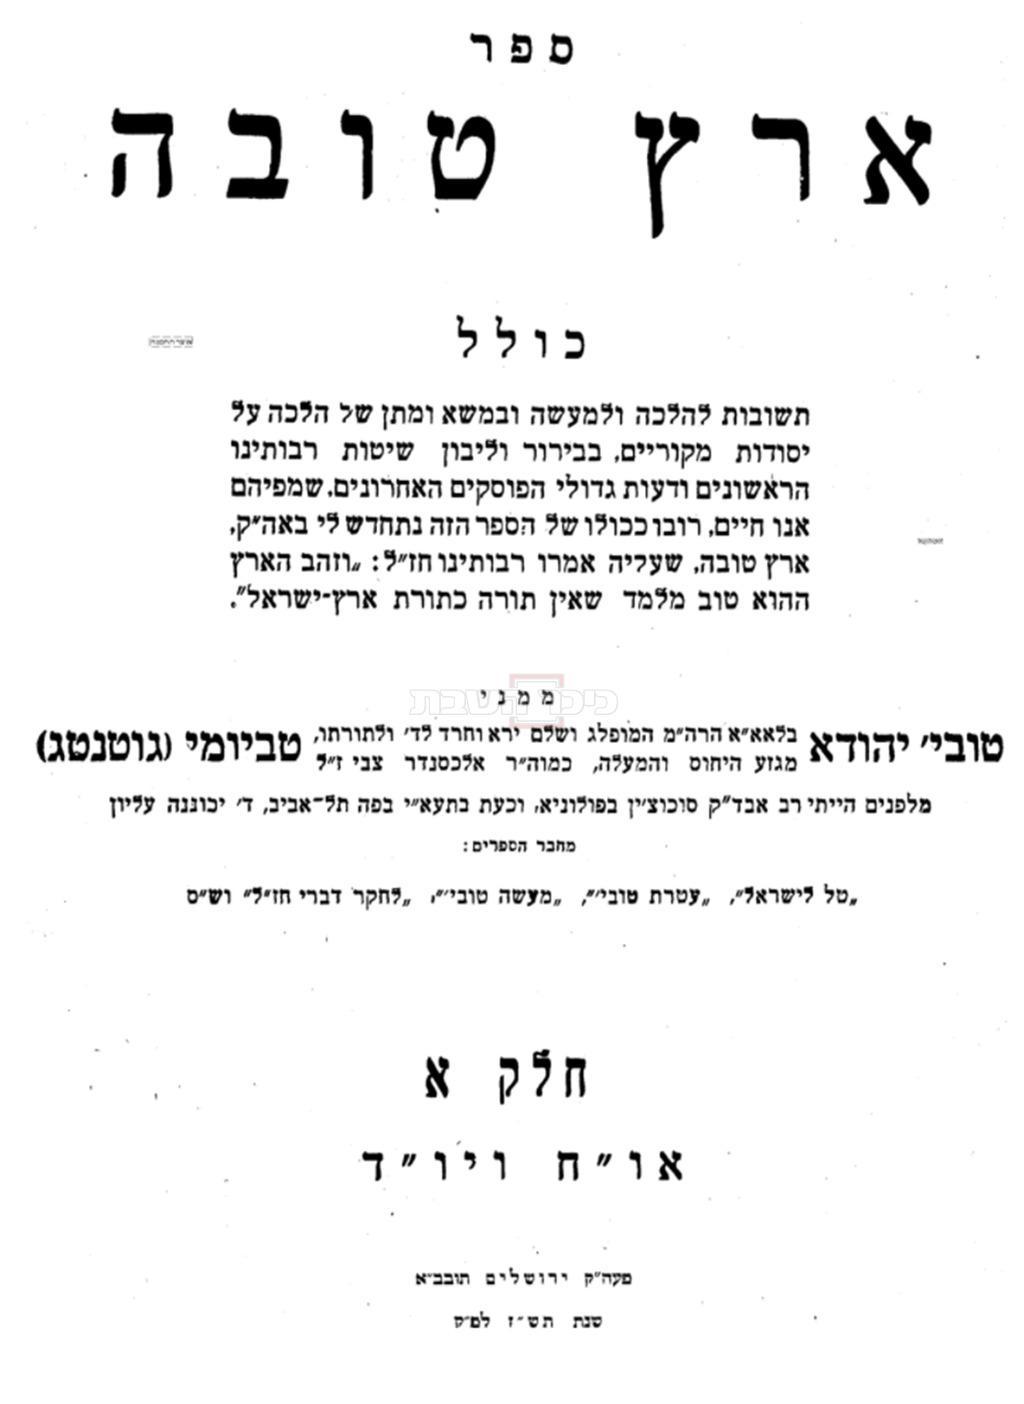 ספר ''ארץ טובה'' שכתב הרב טביומי לאחר עלייתו לארץ ישראל (באדיבות אוצר החכמה)